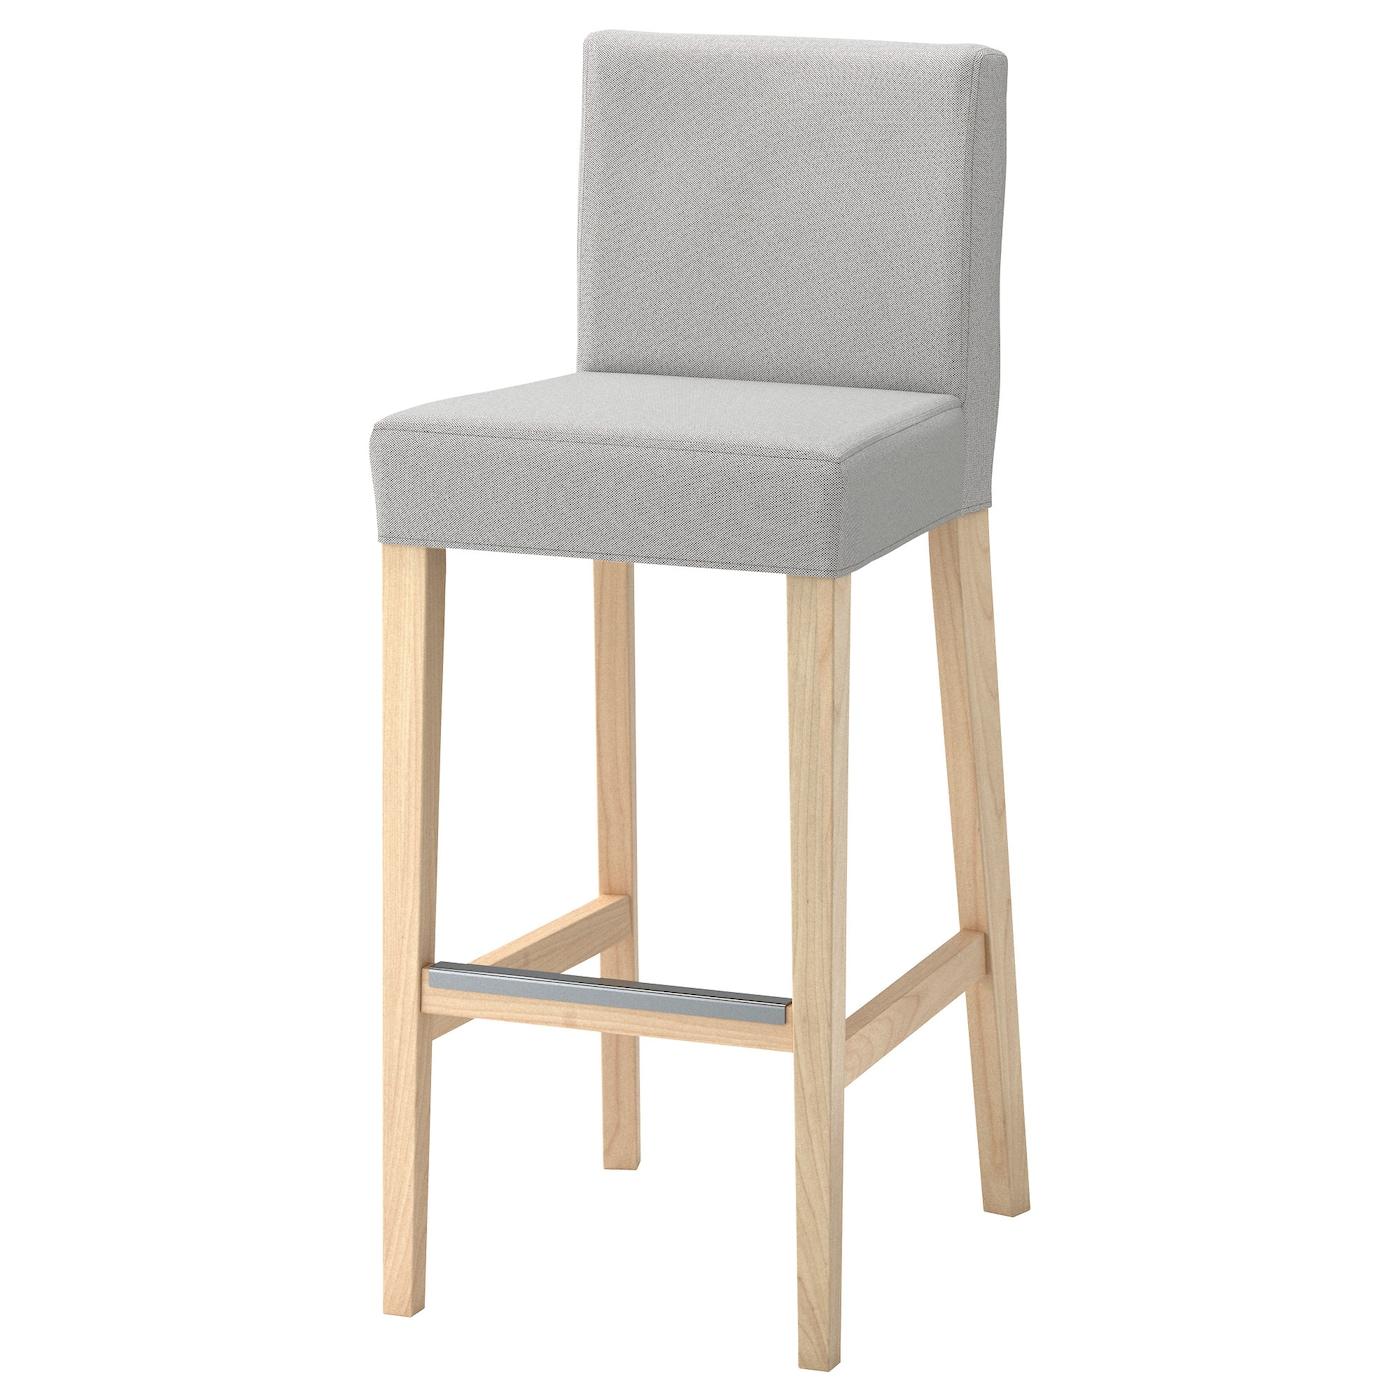 barkrukken ikea. Black Bedroom Furniture Sets. Home Design Ideas